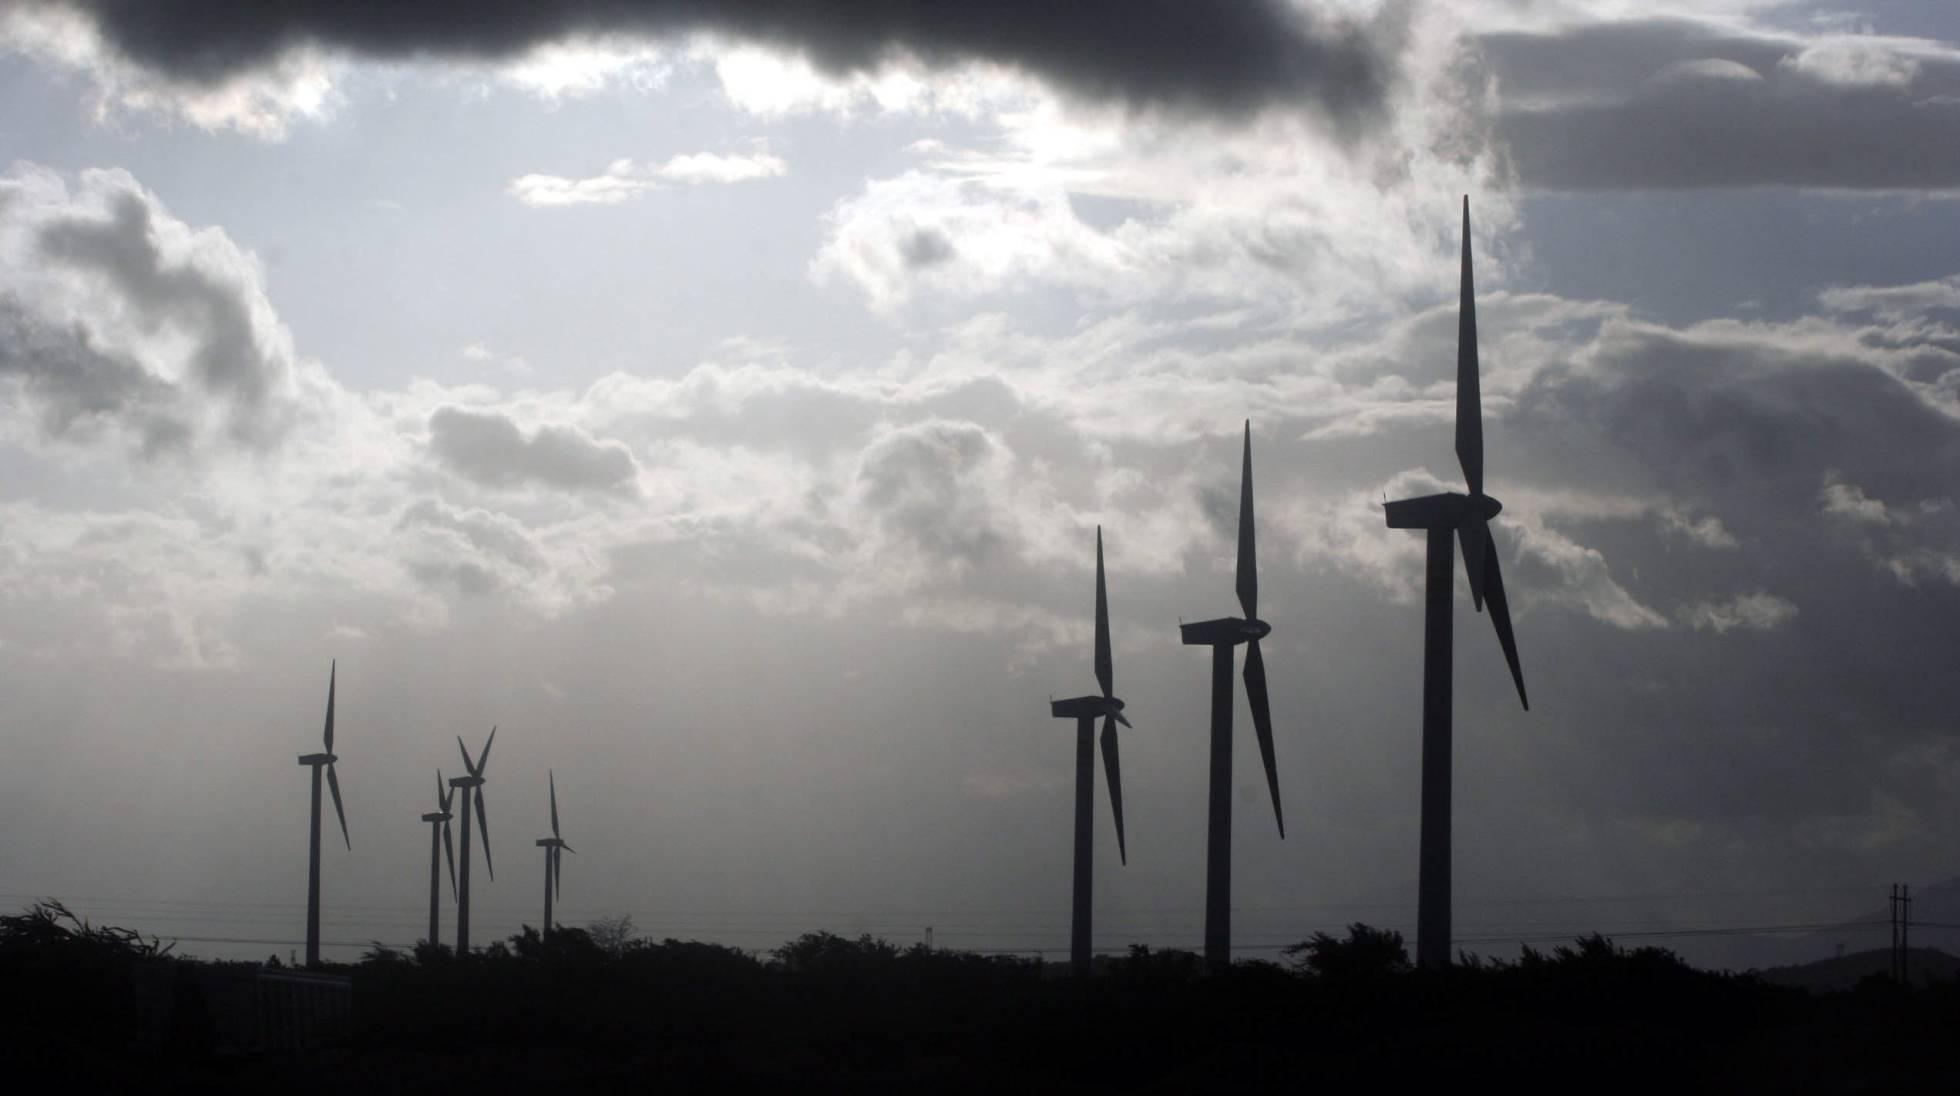 La política energética de López Obrador provoca incertidumbre en el sector de las renovables